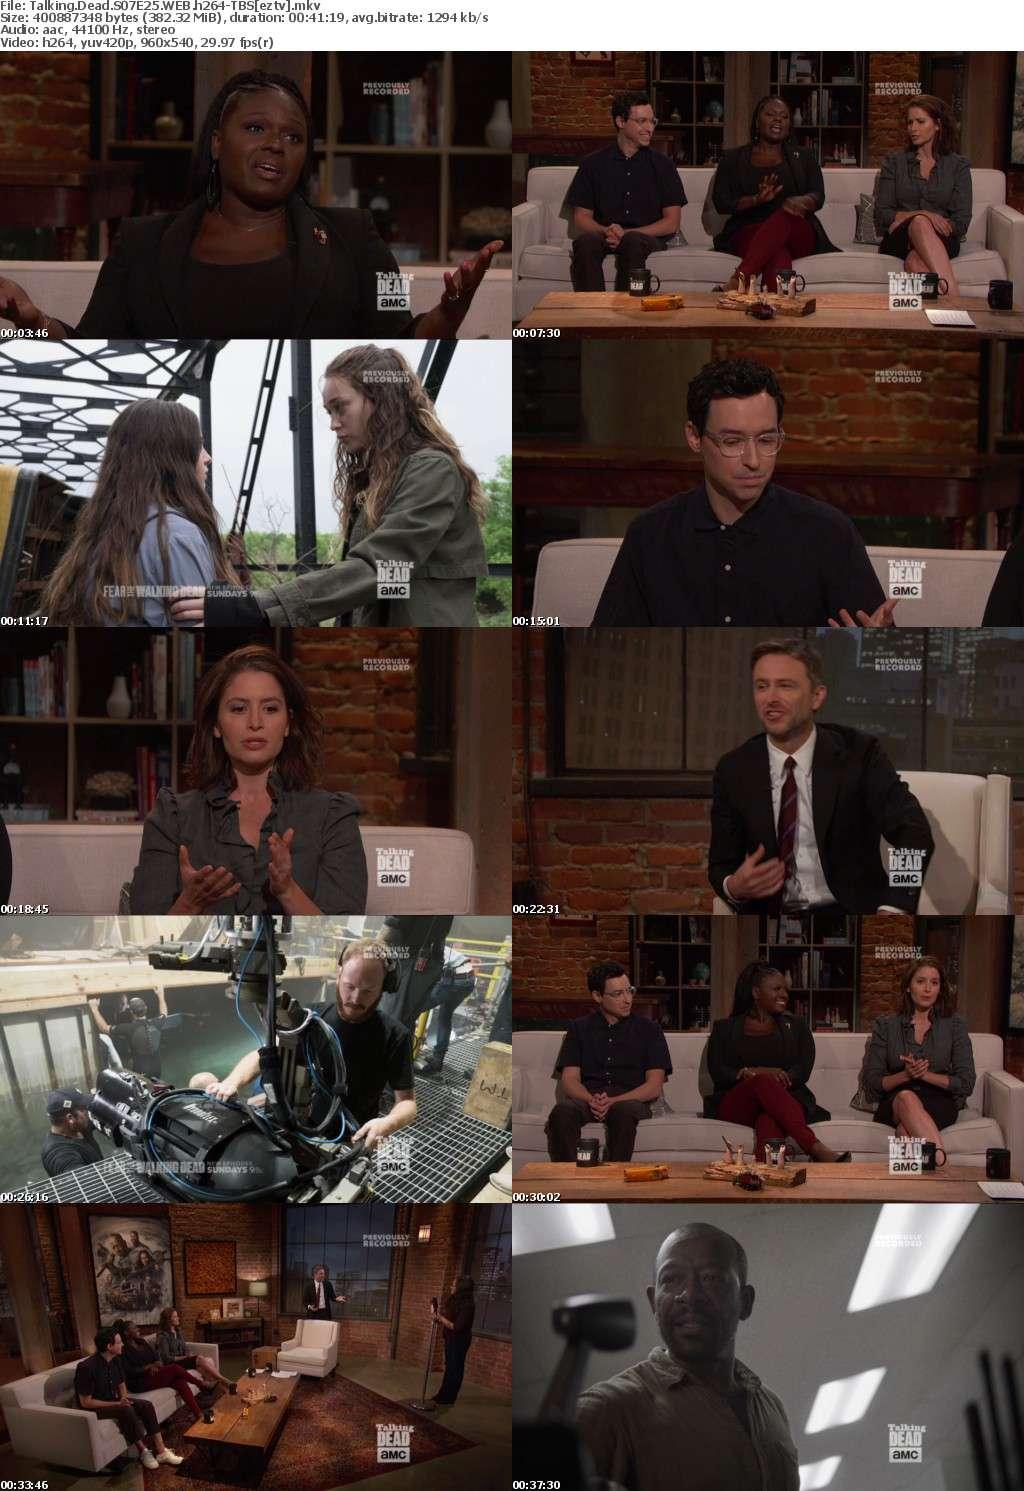 Talking Dead S07E25 WEB h264-TBS